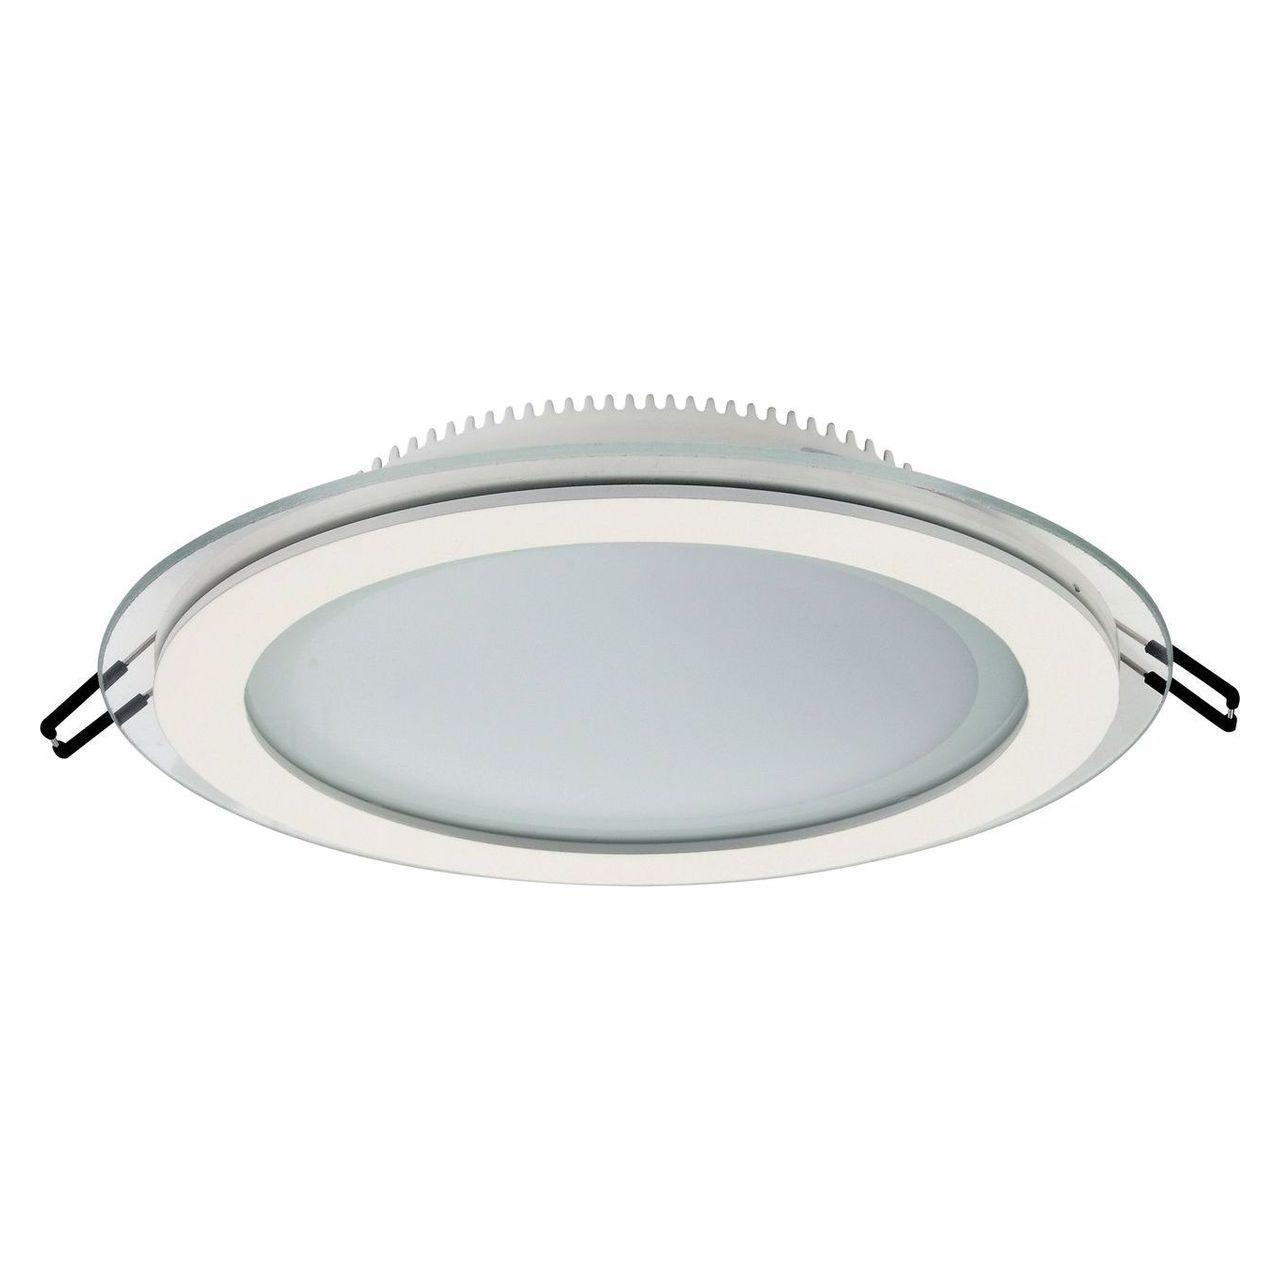 Встраиваемый светодиодный светильник Horoz 15W 3000K белый 016-016-0015 (HL689LG) встраиваемый светодиодный светильник horoz 15w 6000к белый 016 017 0015 hl6756l